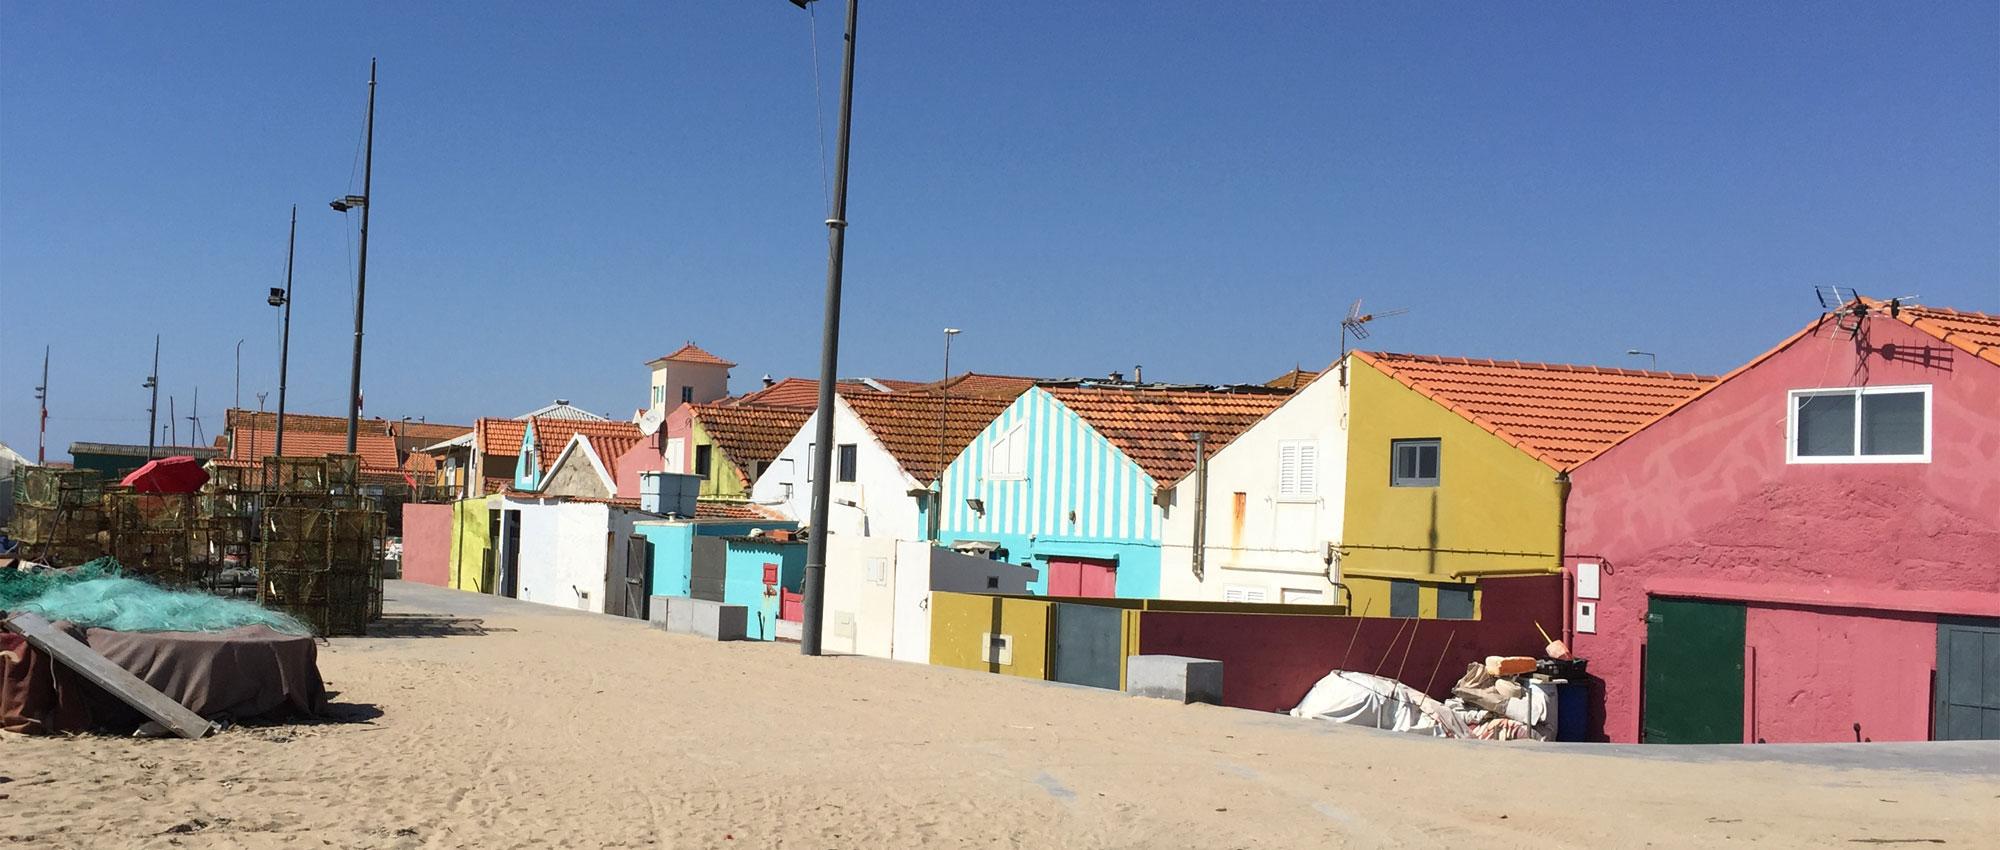 Wann ist die beste Reisezeit für den portugiesischen Jakobsweg?